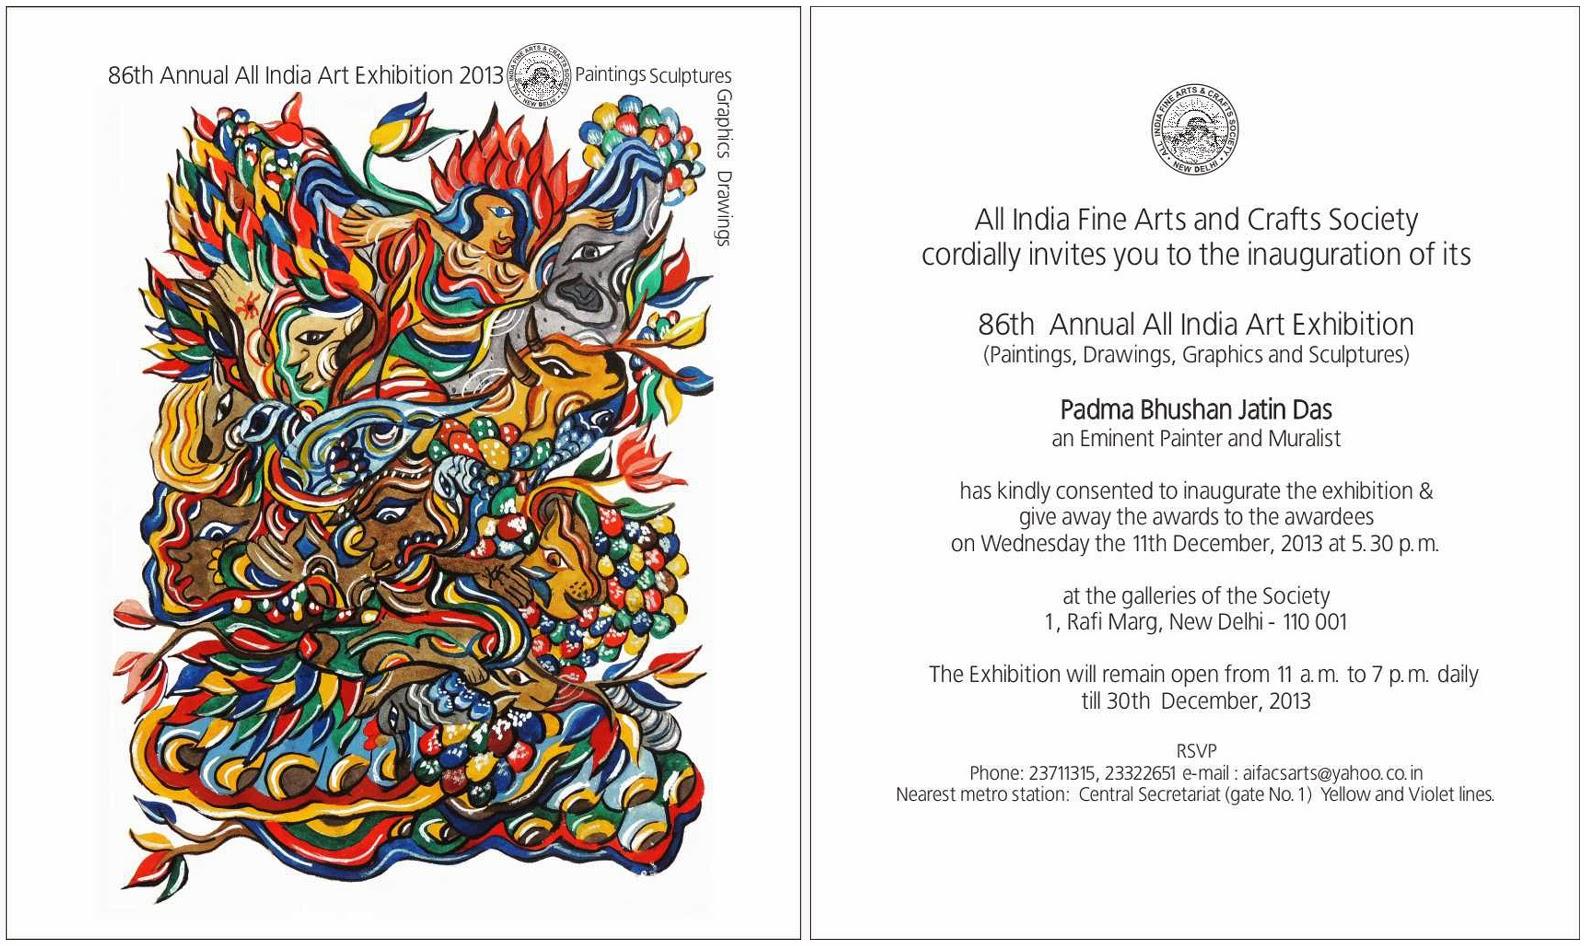 Aifacs 86th Annual All India Art Exhibition 2013